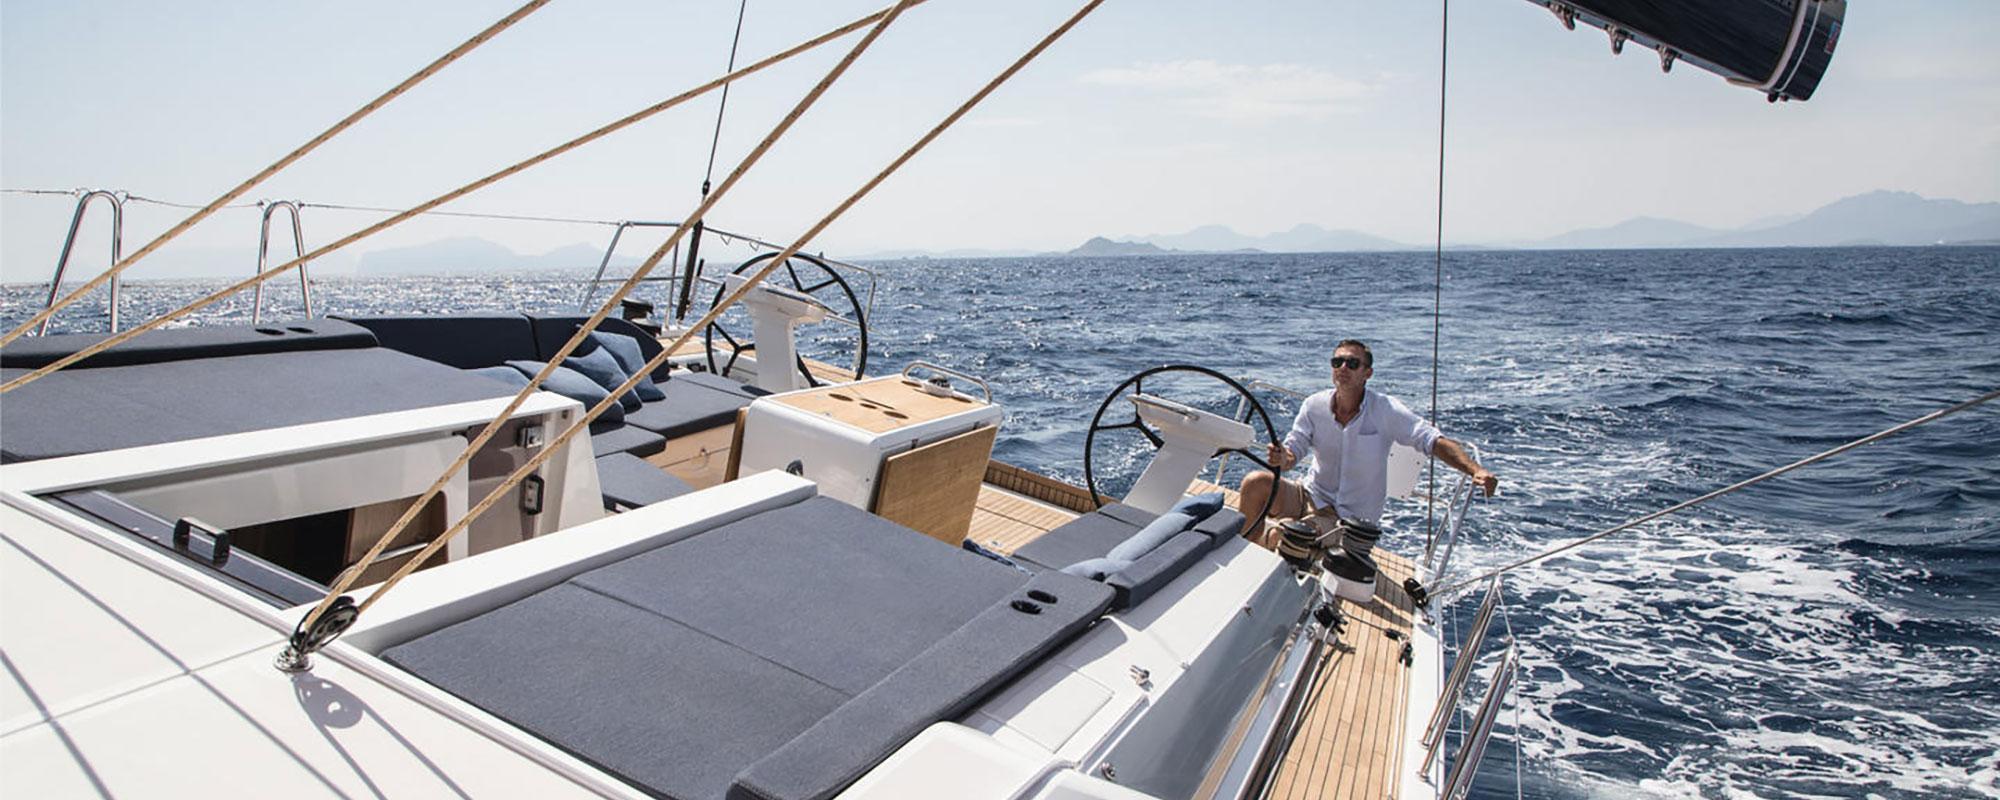 Beneteau Oceanis 51 sailing